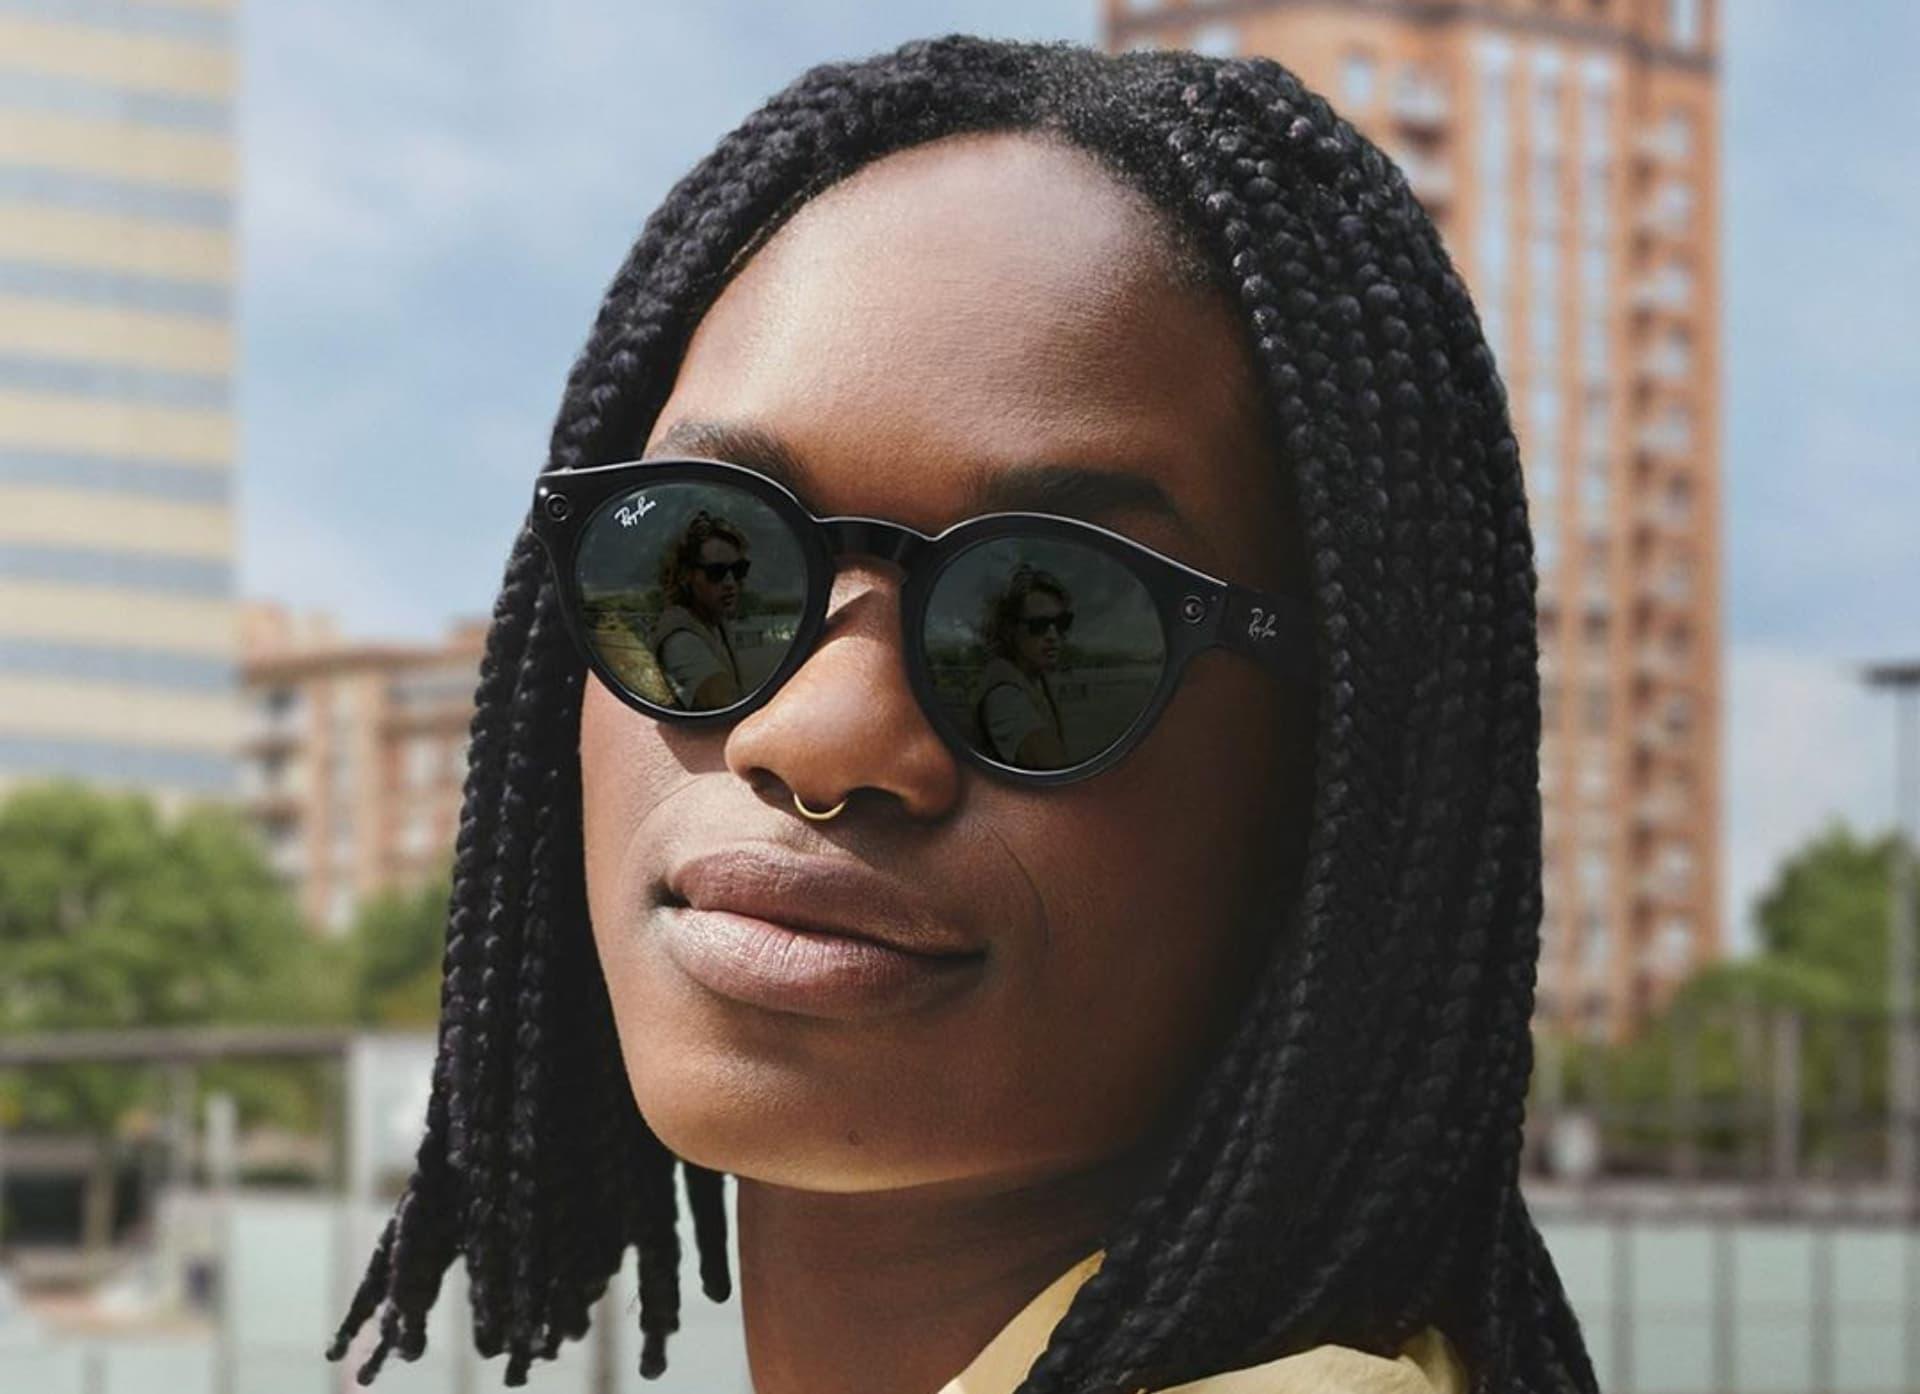 Ray Ban Stories la nueva colección de lentes que combinan tecnología